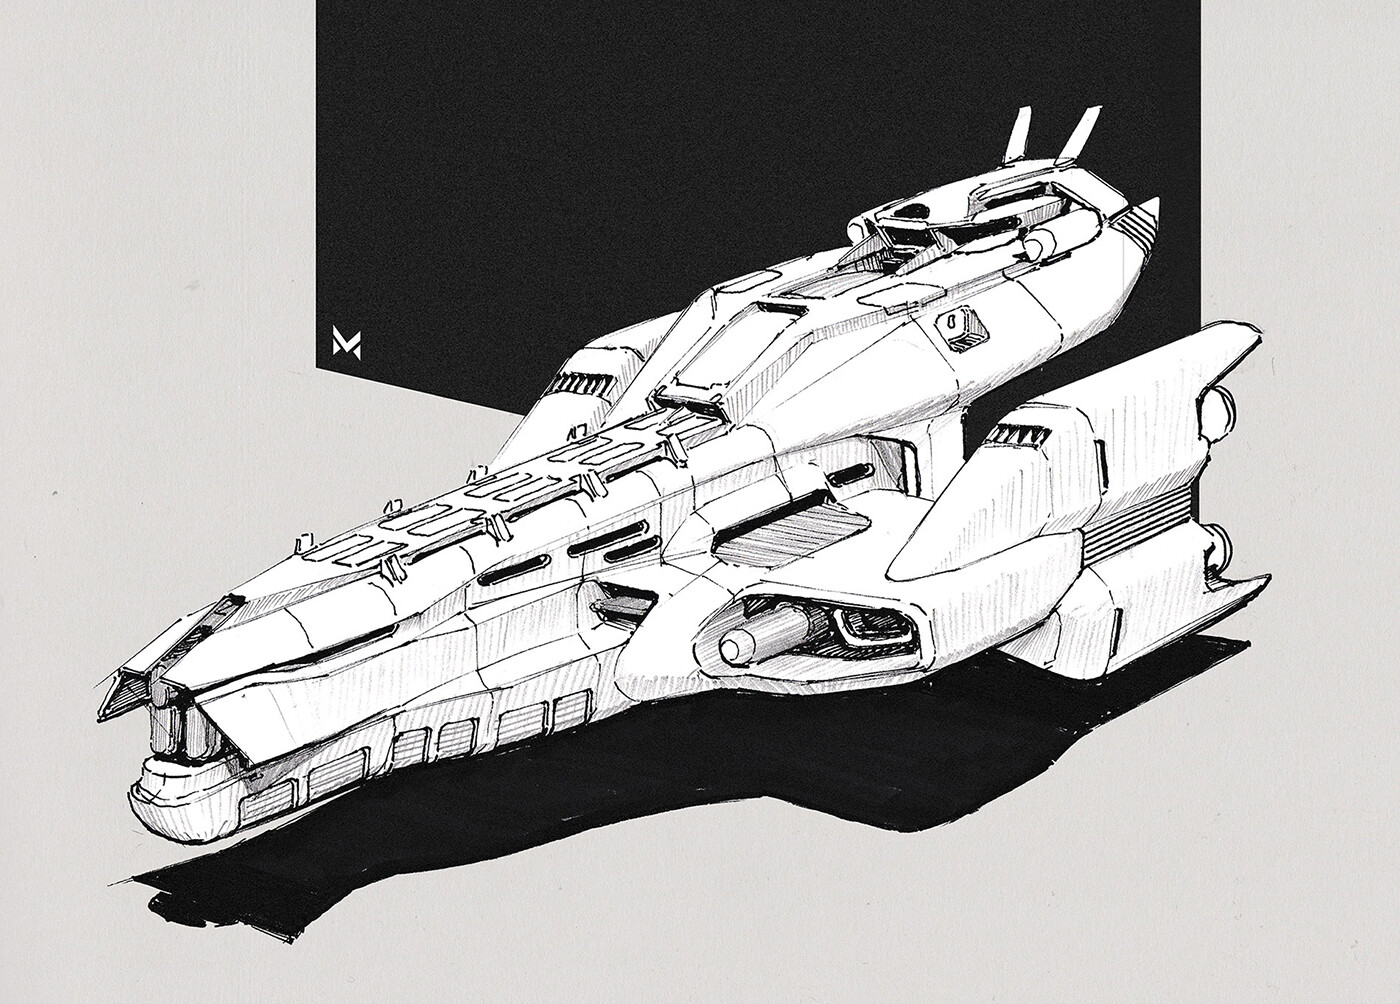 Spaceship 'Nagata' - cruiser class